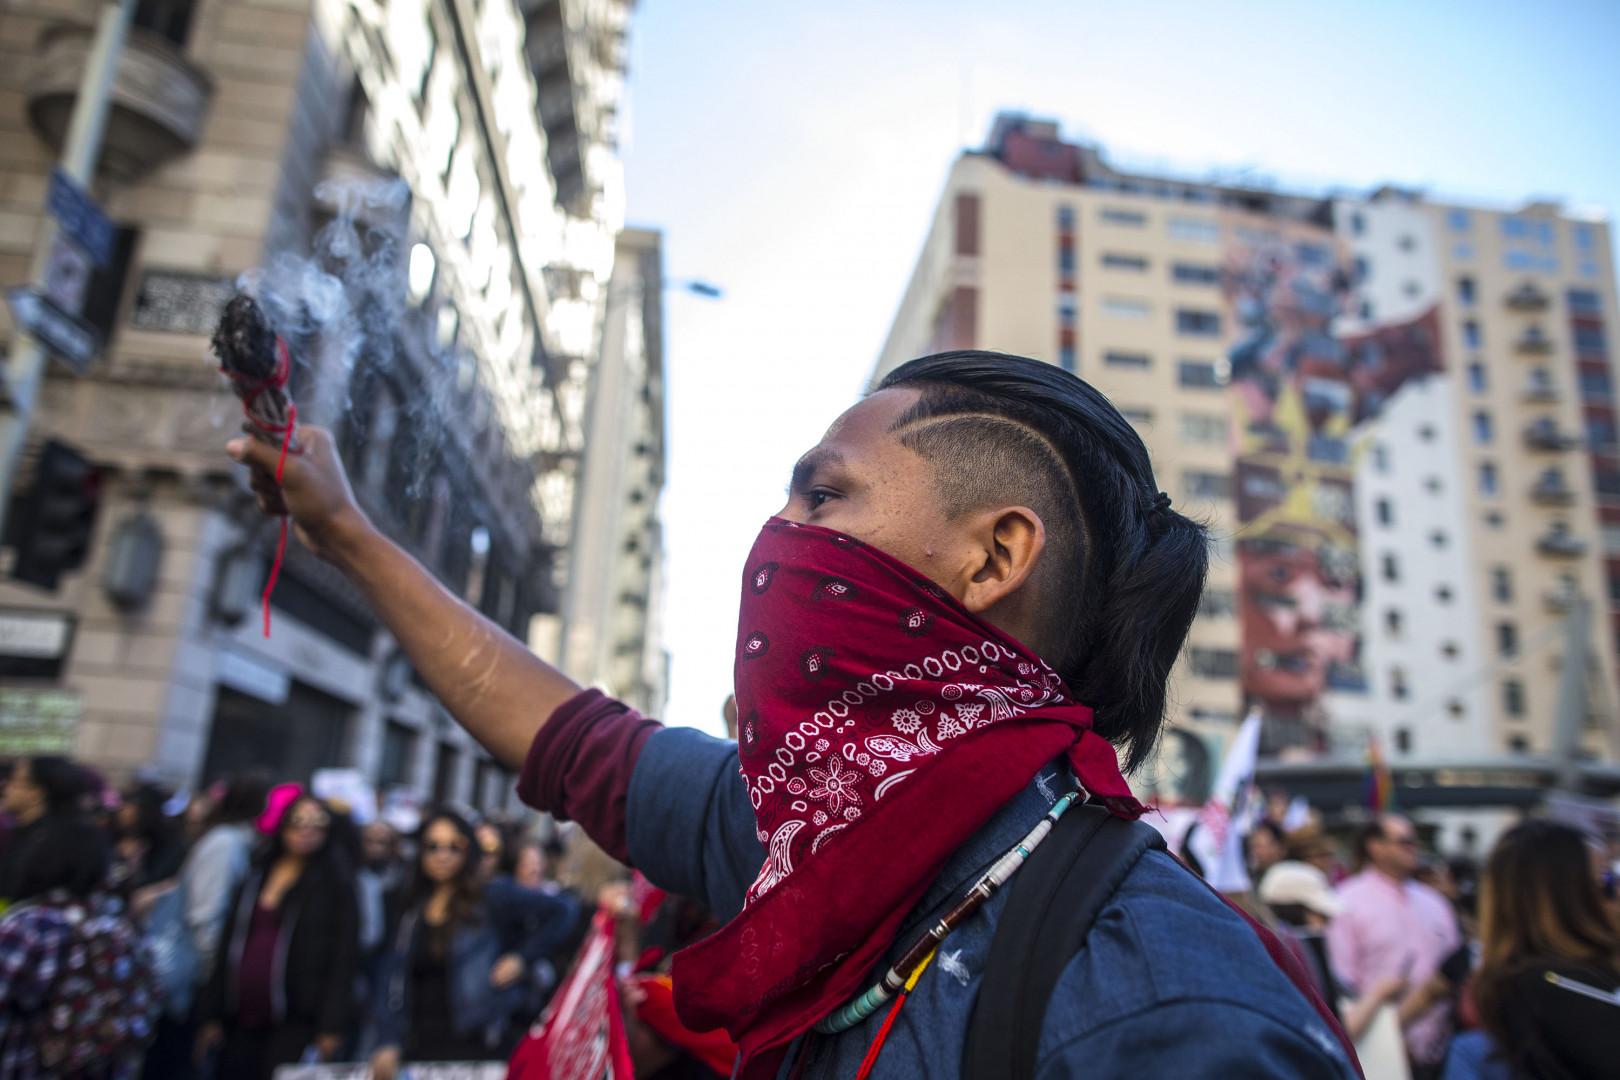 Les manifestants descendent dans les rues de Manhattan lors de la Marche des femmes le 19 janvier 2019 à Los Angeles.